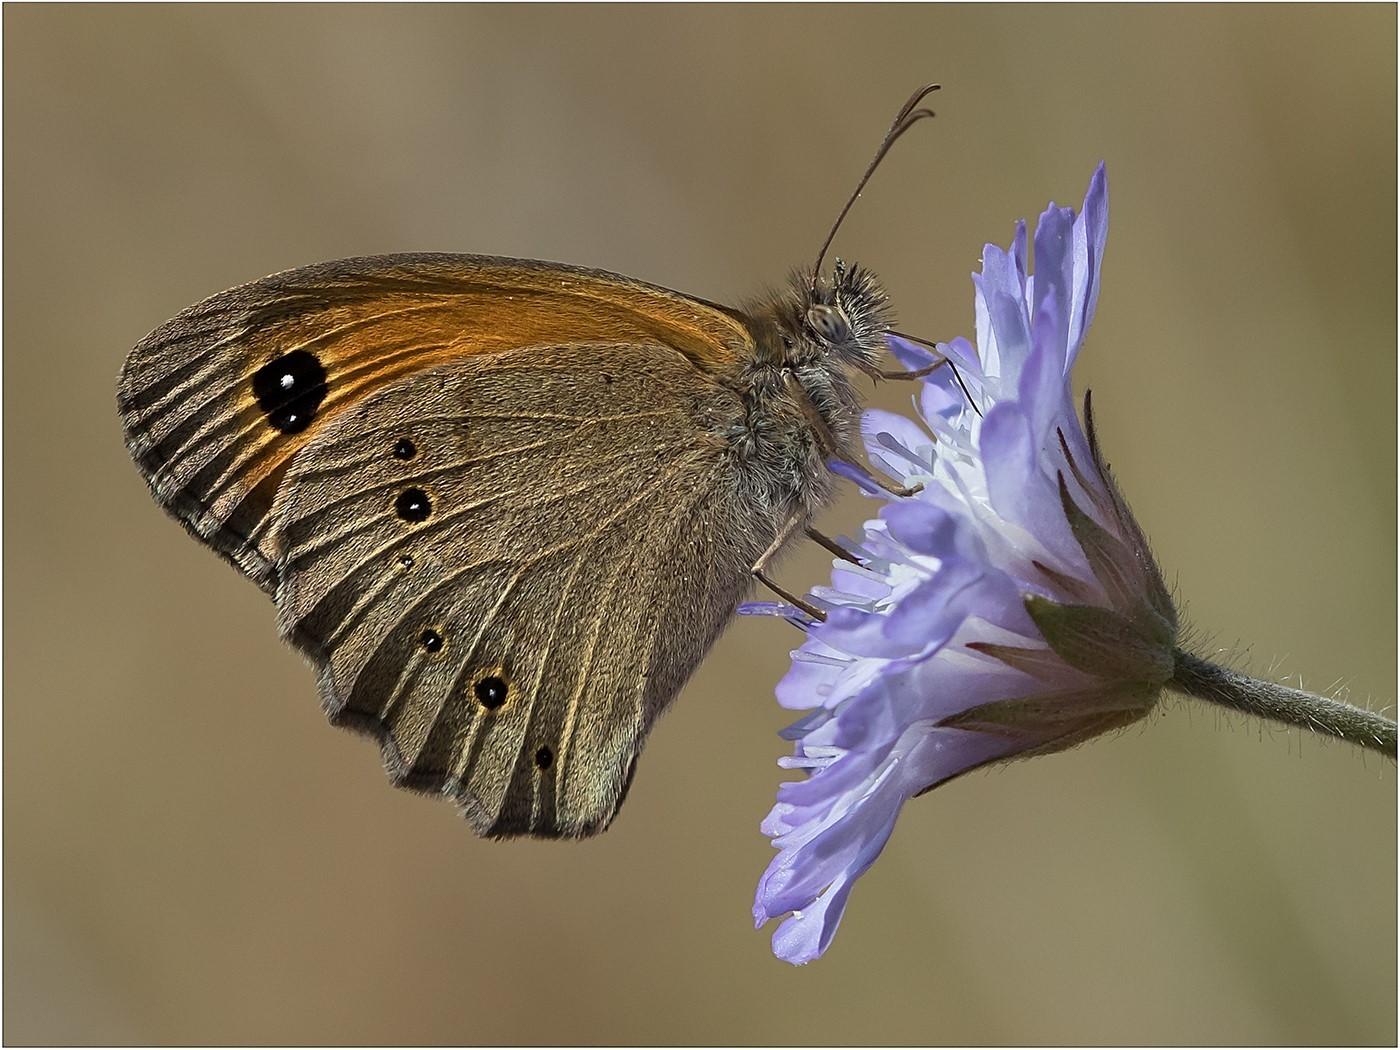 Gatekeeper Butterfly on Scabious